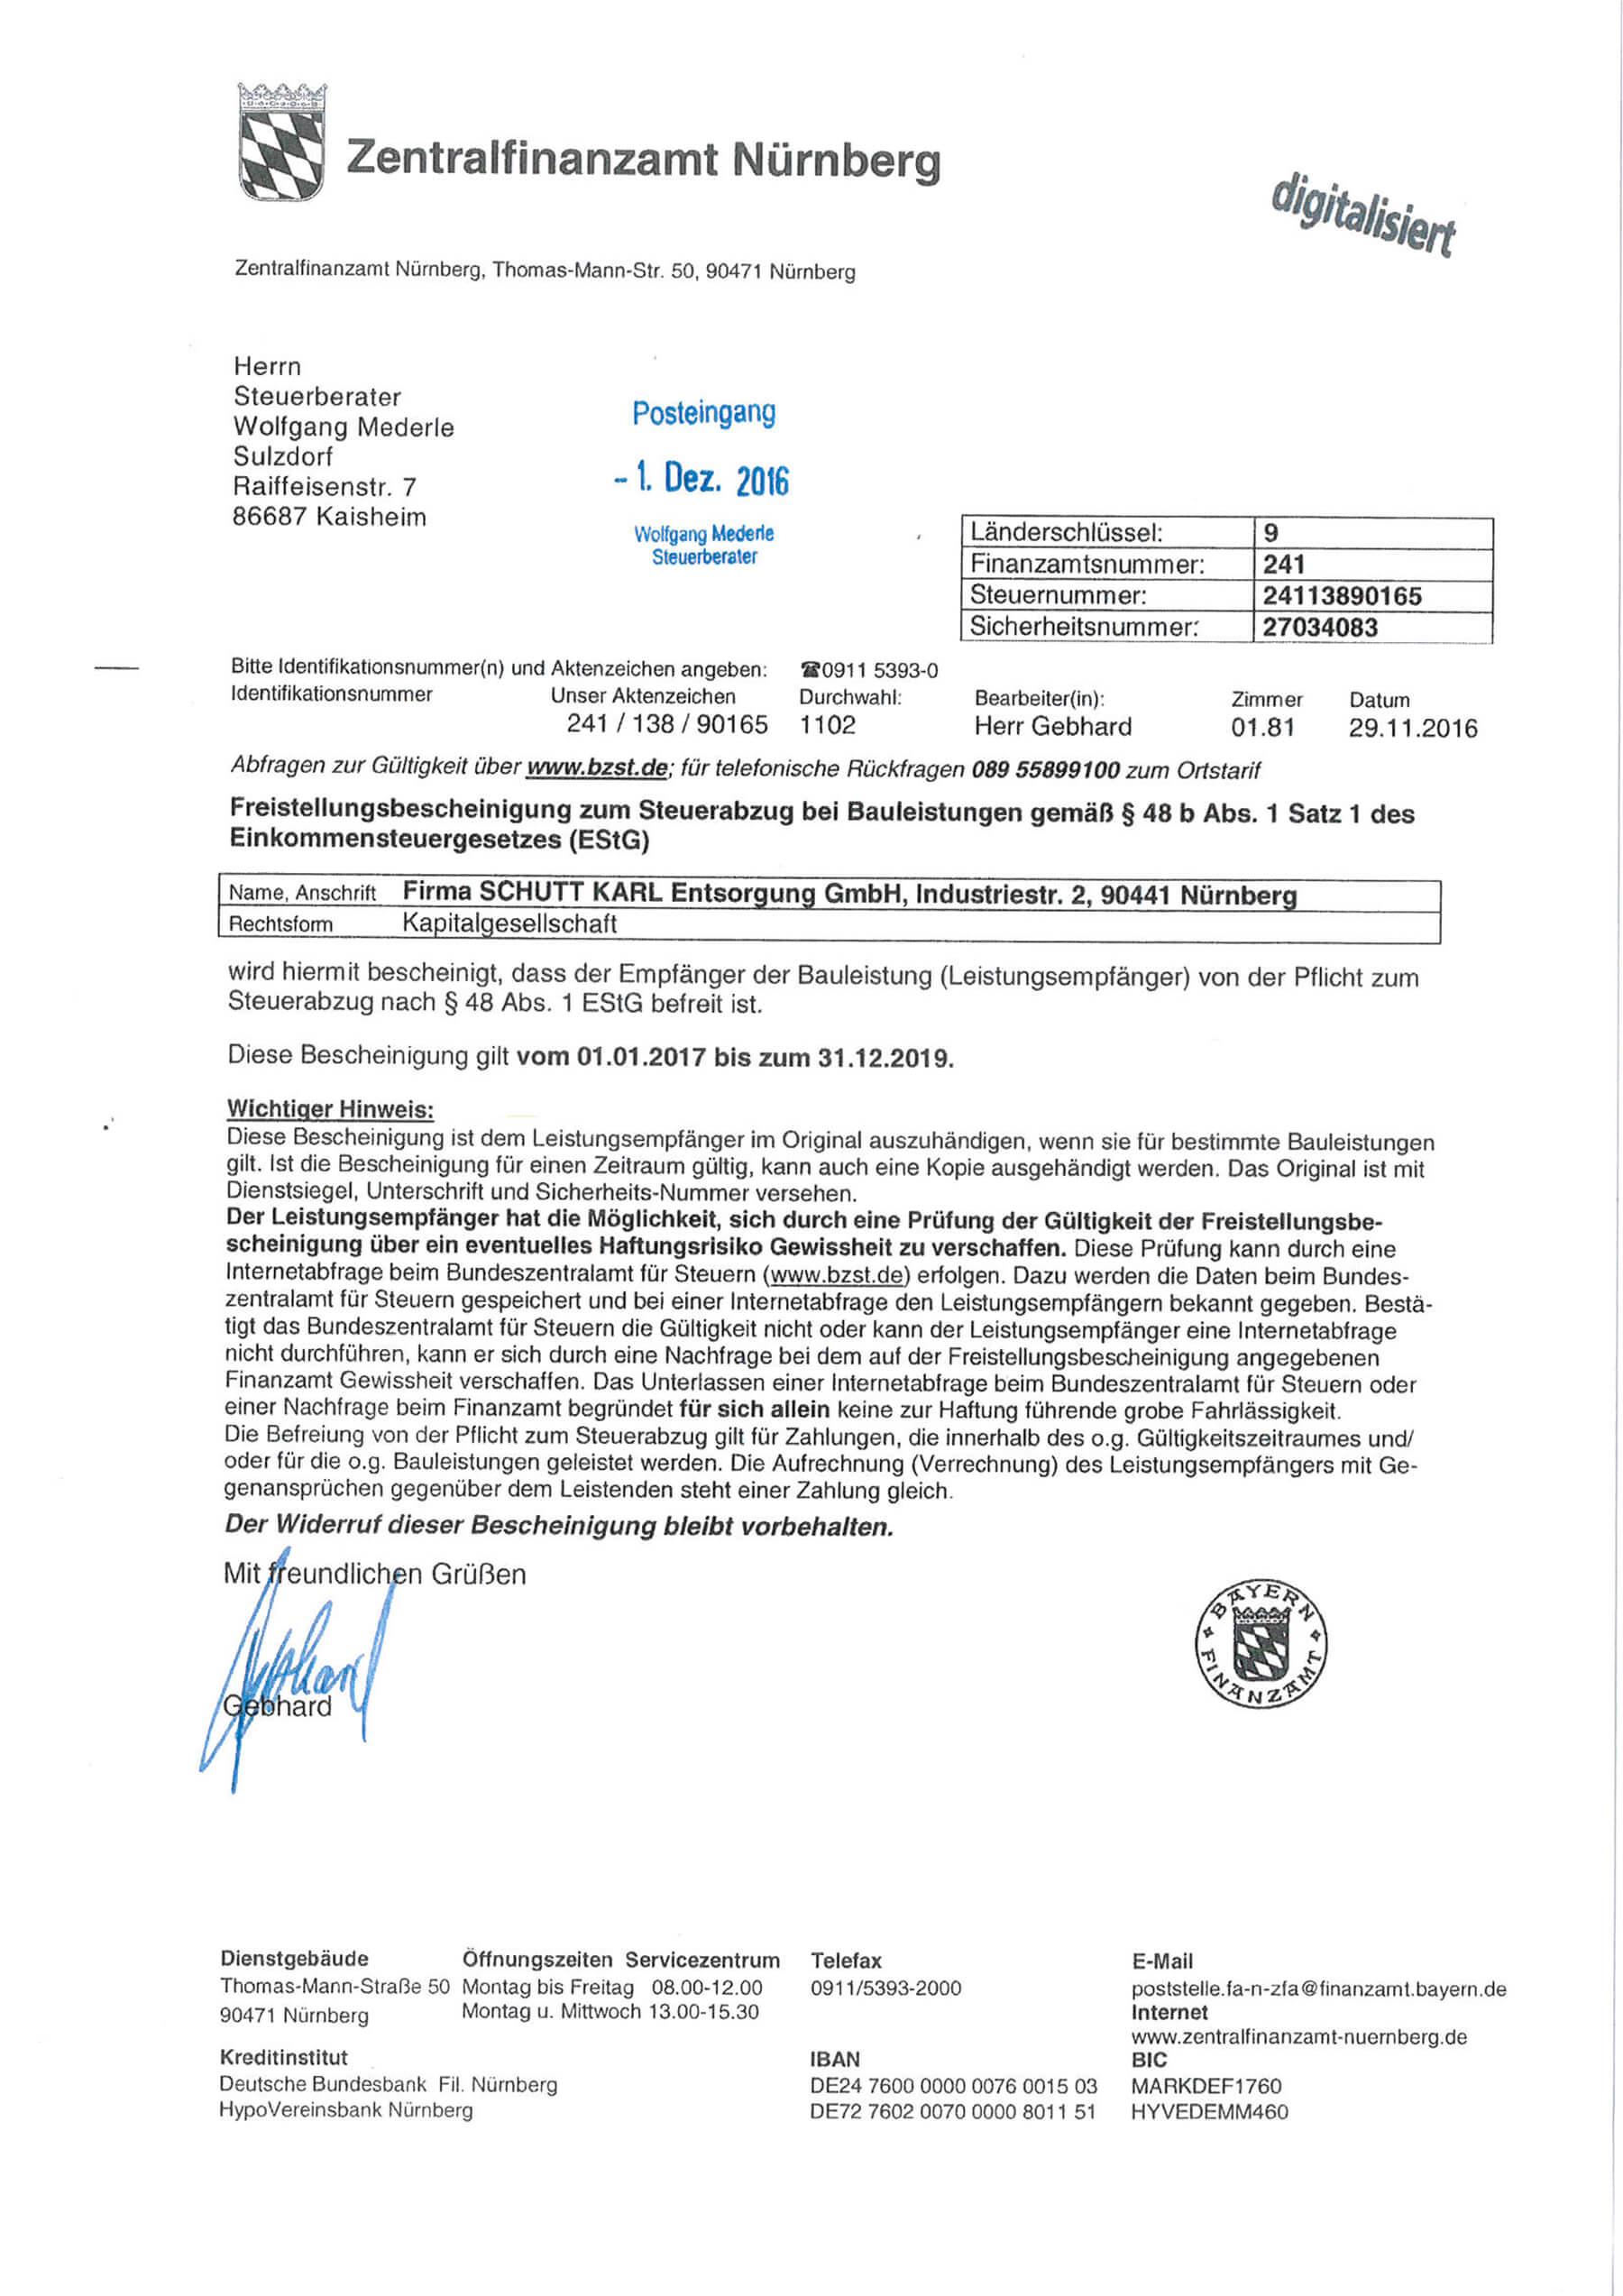 Schutt Karl | Freistellungsbescheinigung 2017-2019